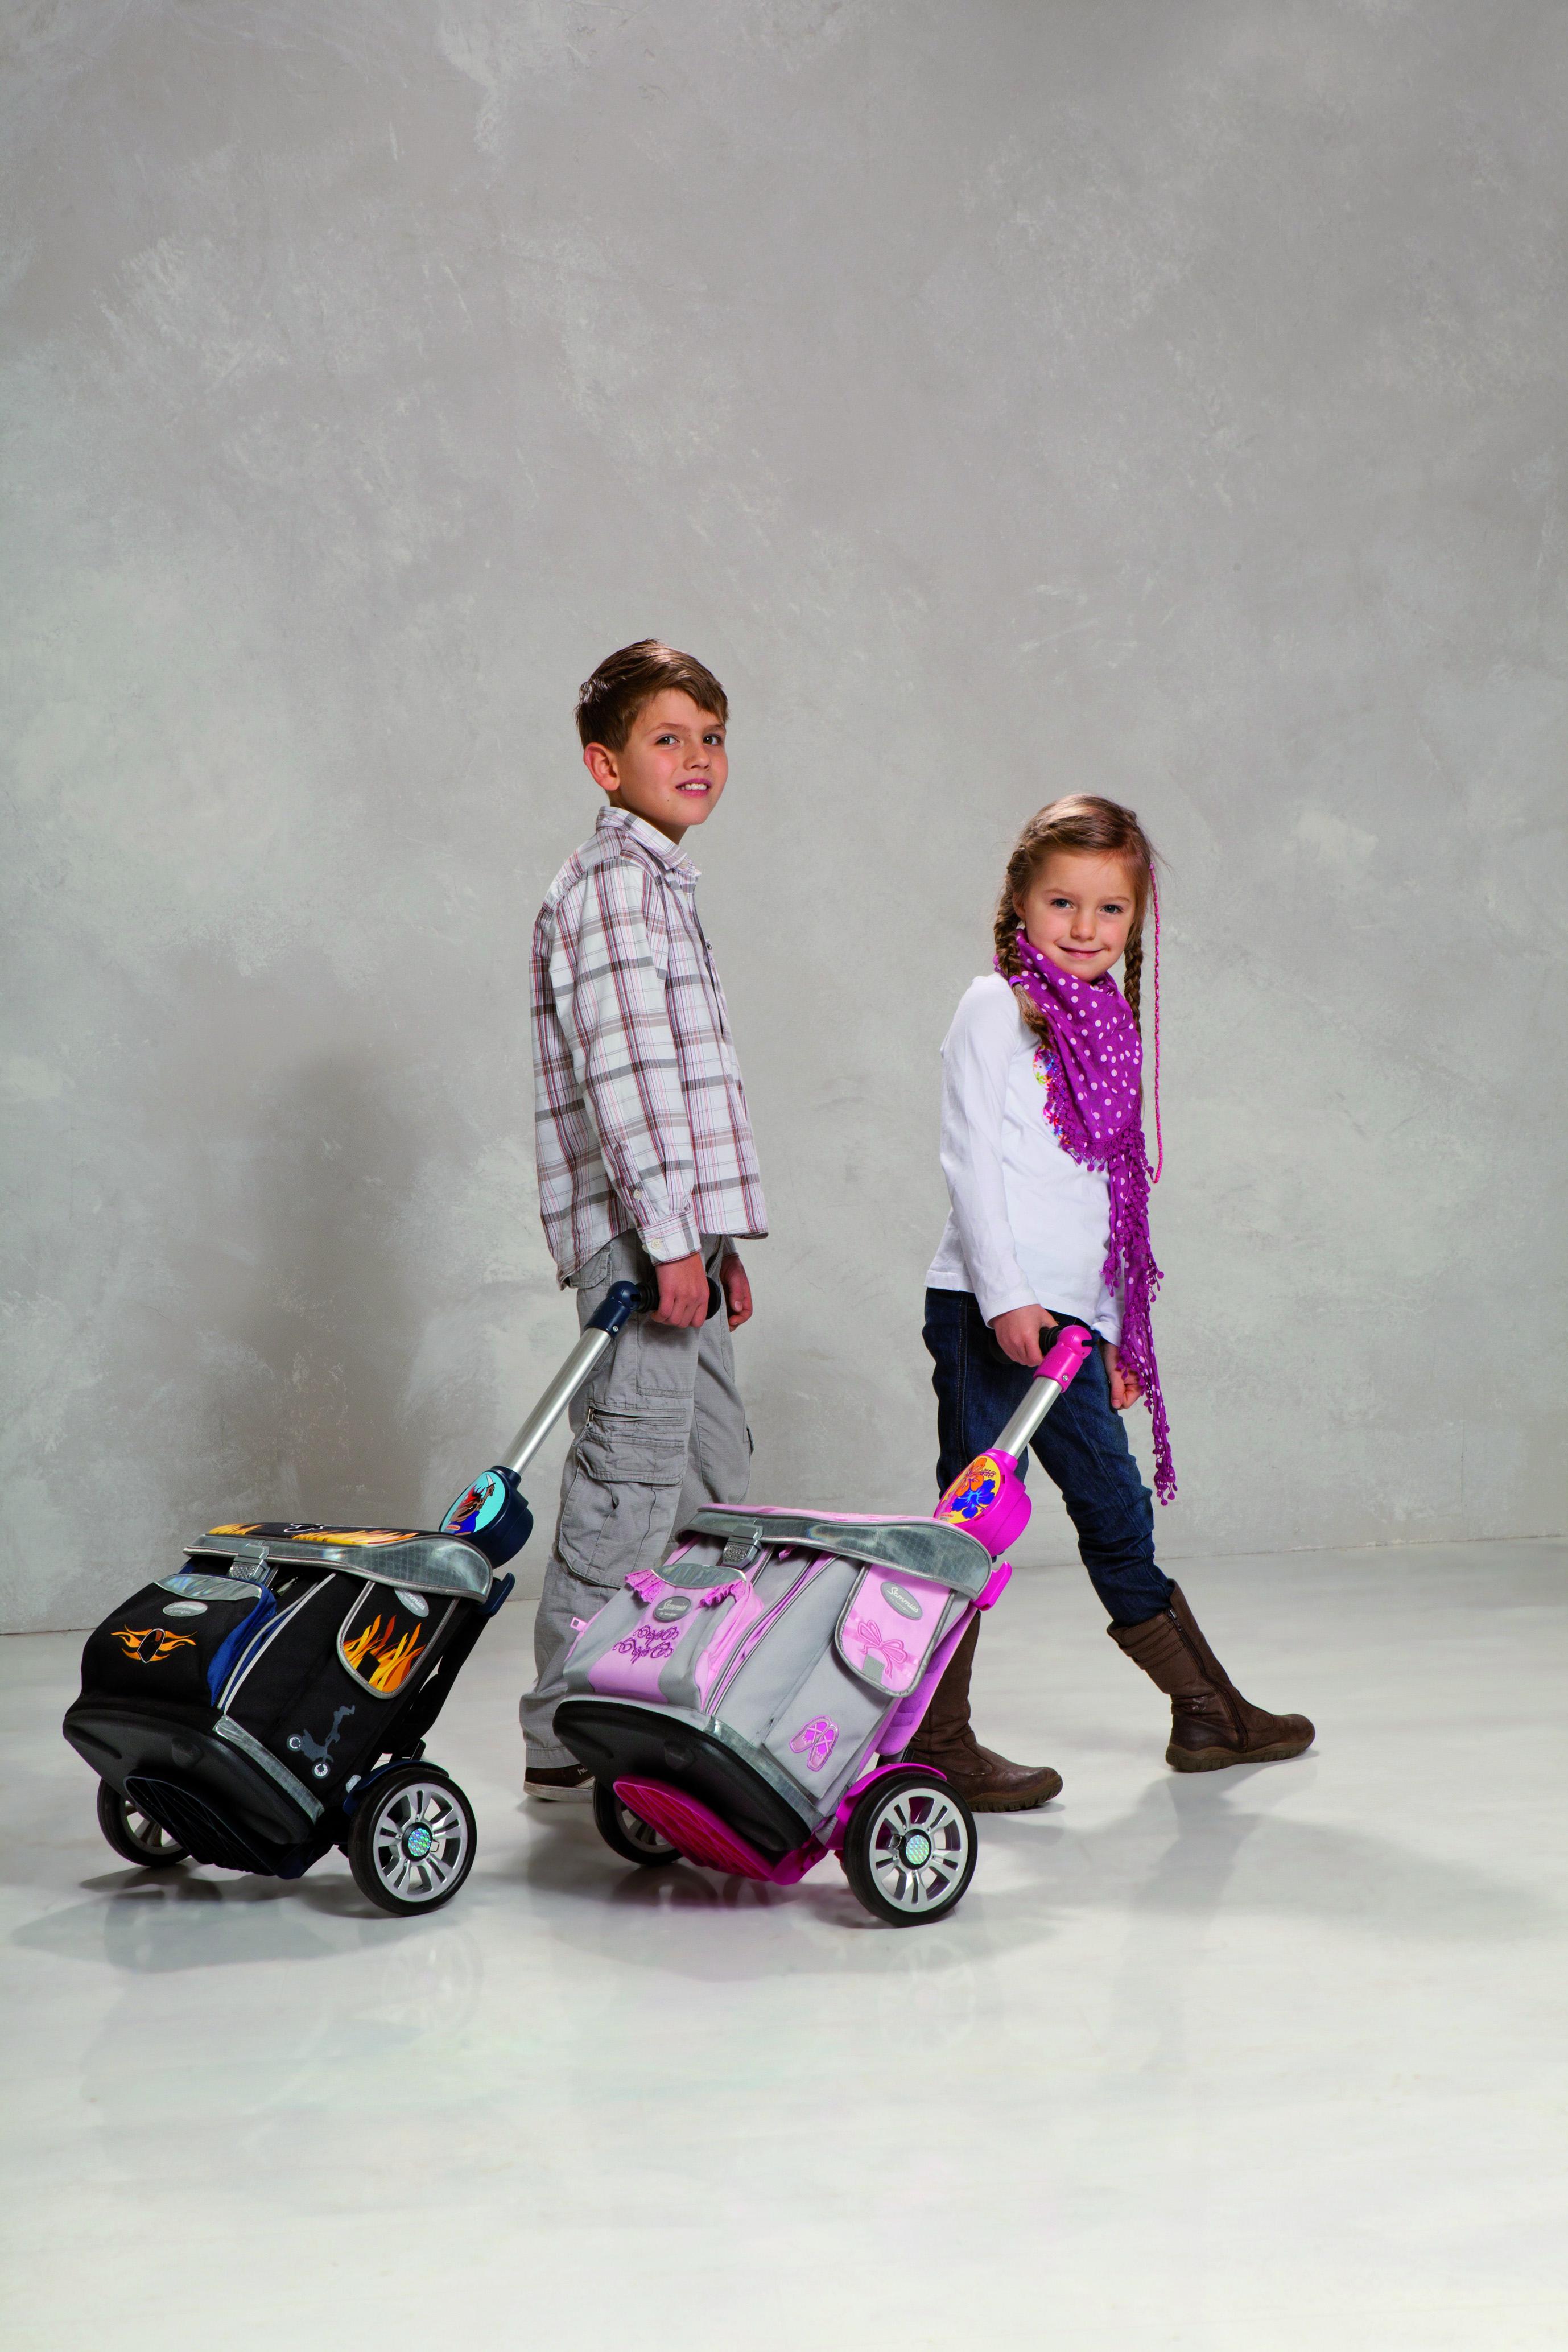 newschool SHOPPER®  ALUMINIUM - školní vozíky na kolečkách